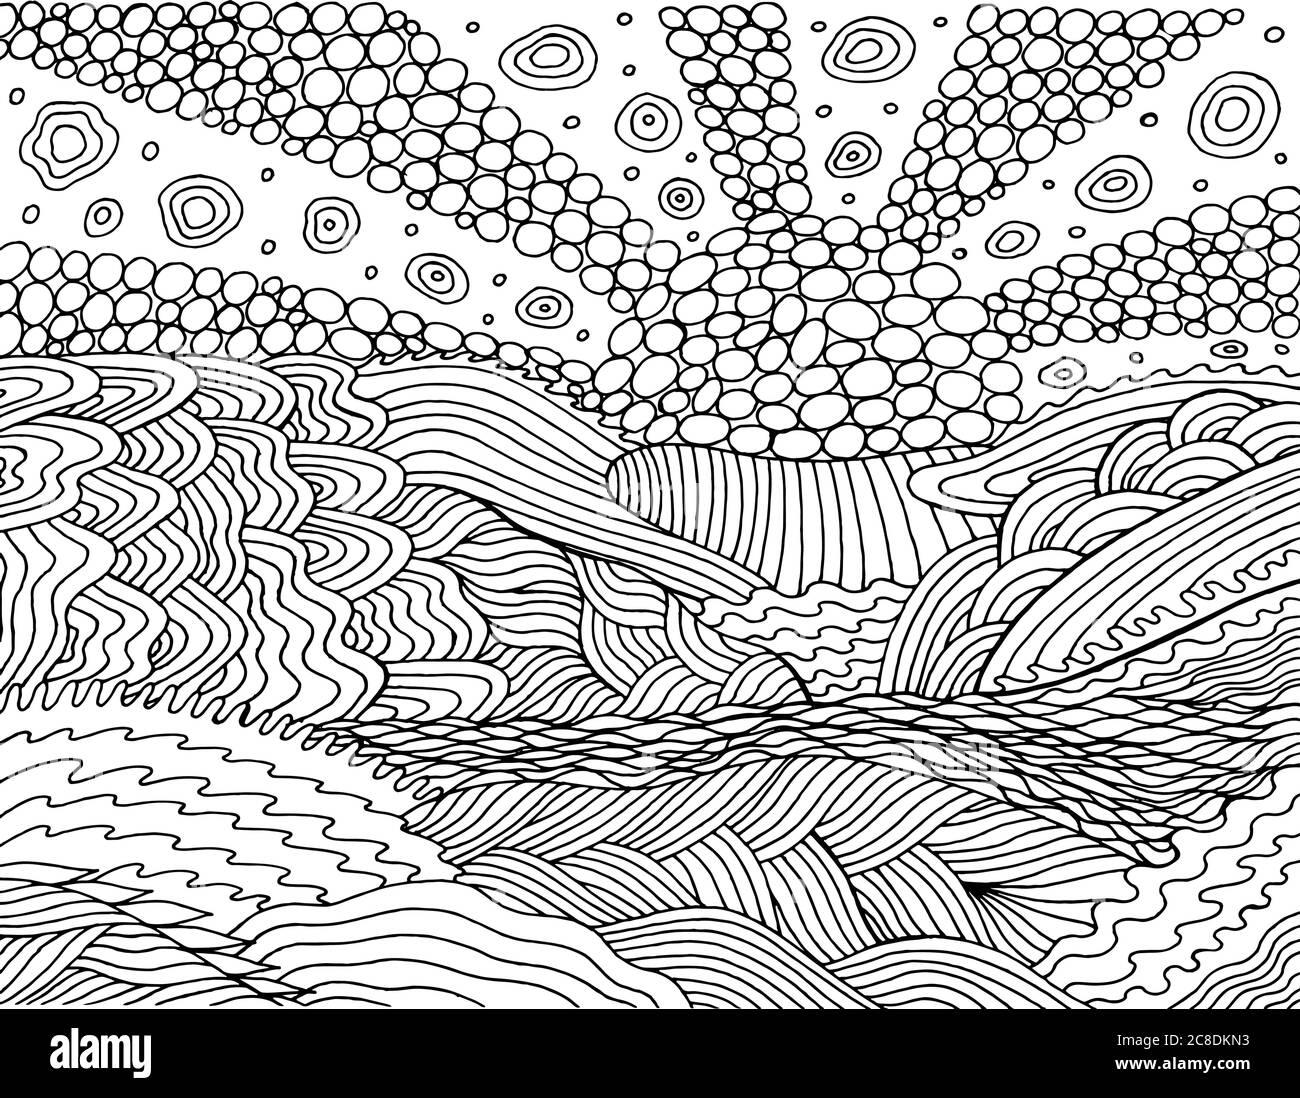 Paesaggio Psichedelico Pagina Da Colorare Per Adulti Mare Sunset Sun Oceano Cielo E Clound Onde Oceaniche Illustrazione Sul Mare Disegno Di Doodle Vettore Ar Immagine E Vettoriale Alamy